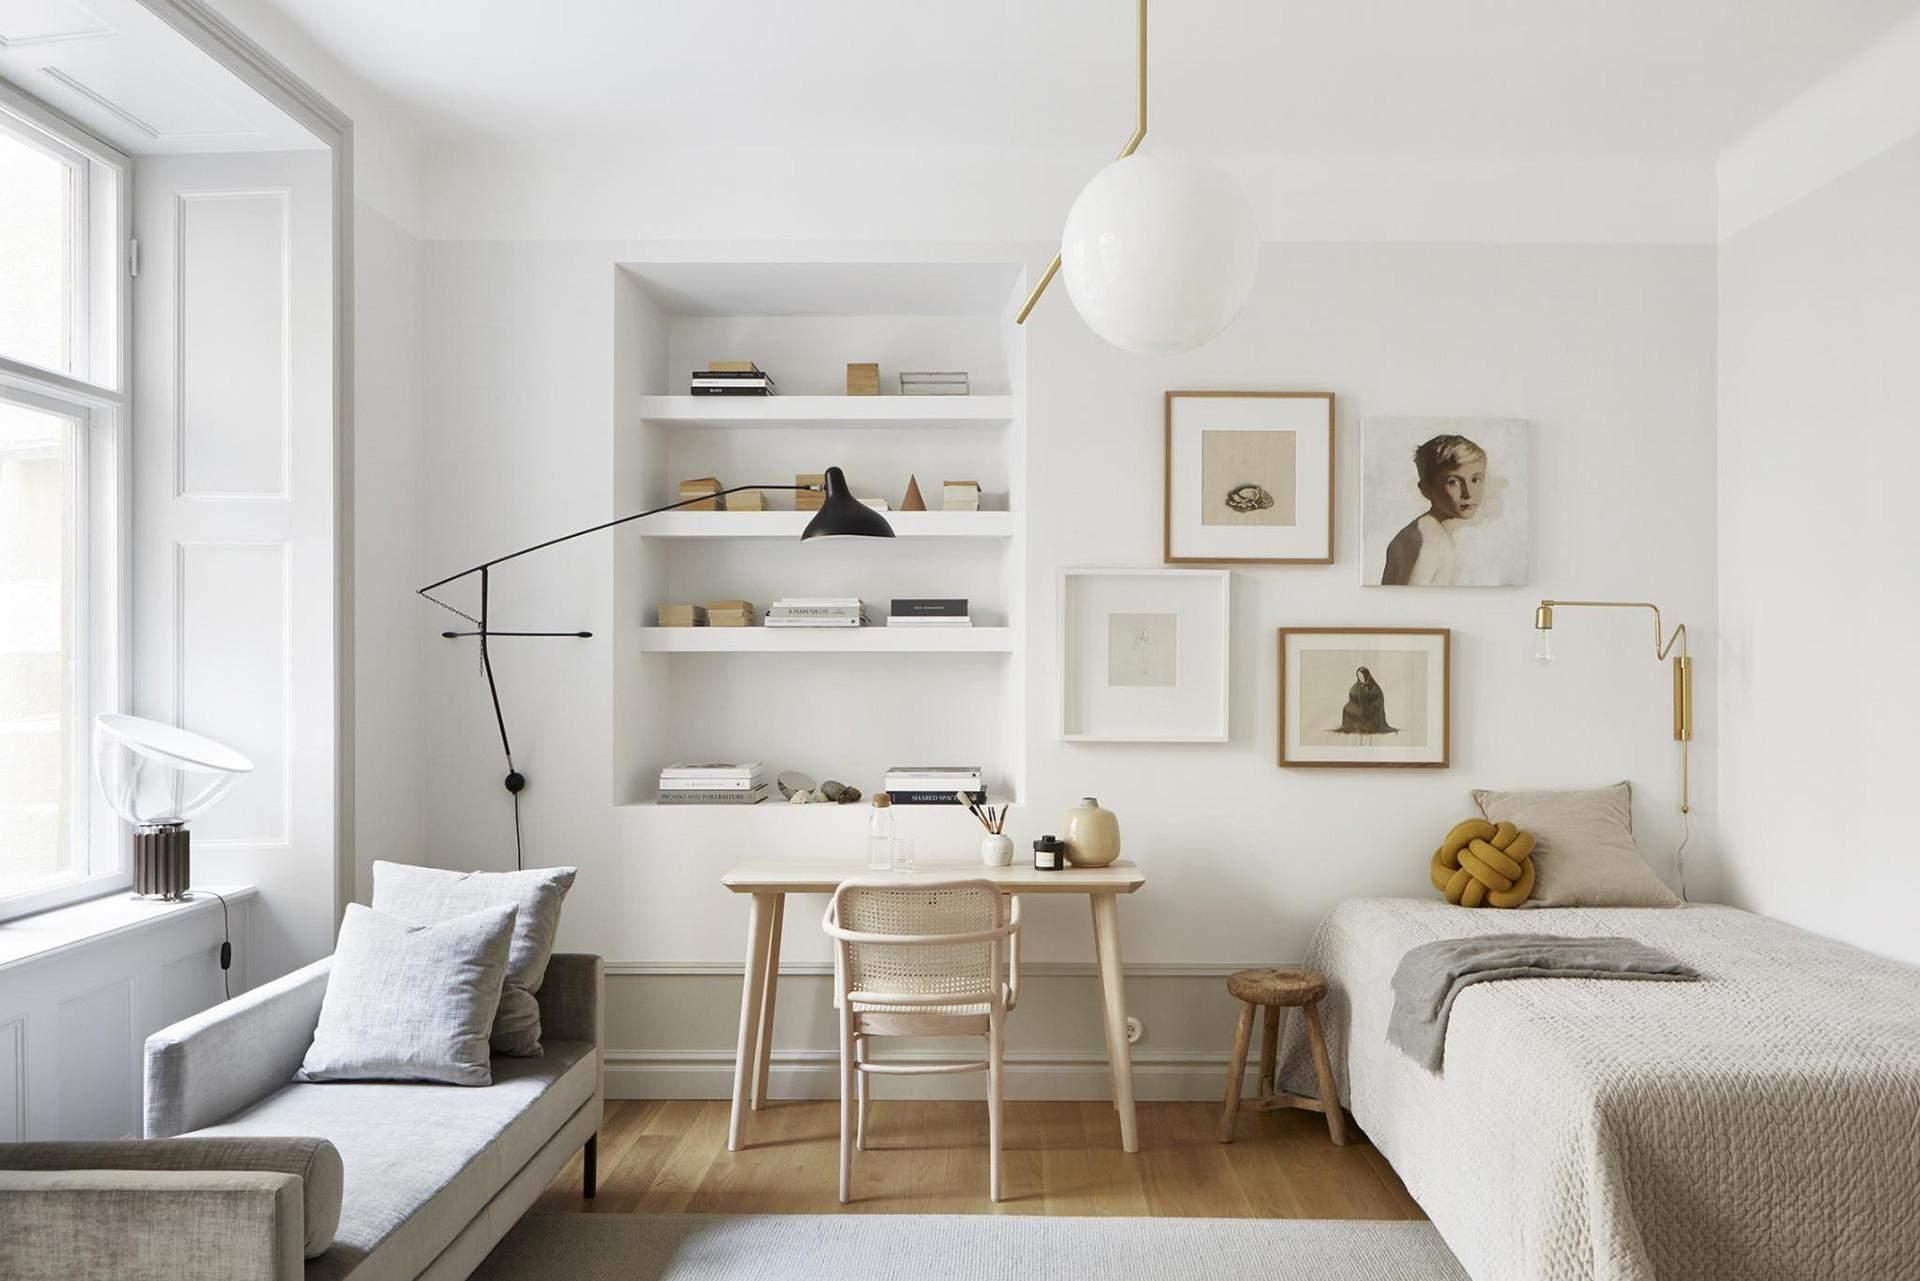 Вариант оформления квартиры для одного человека